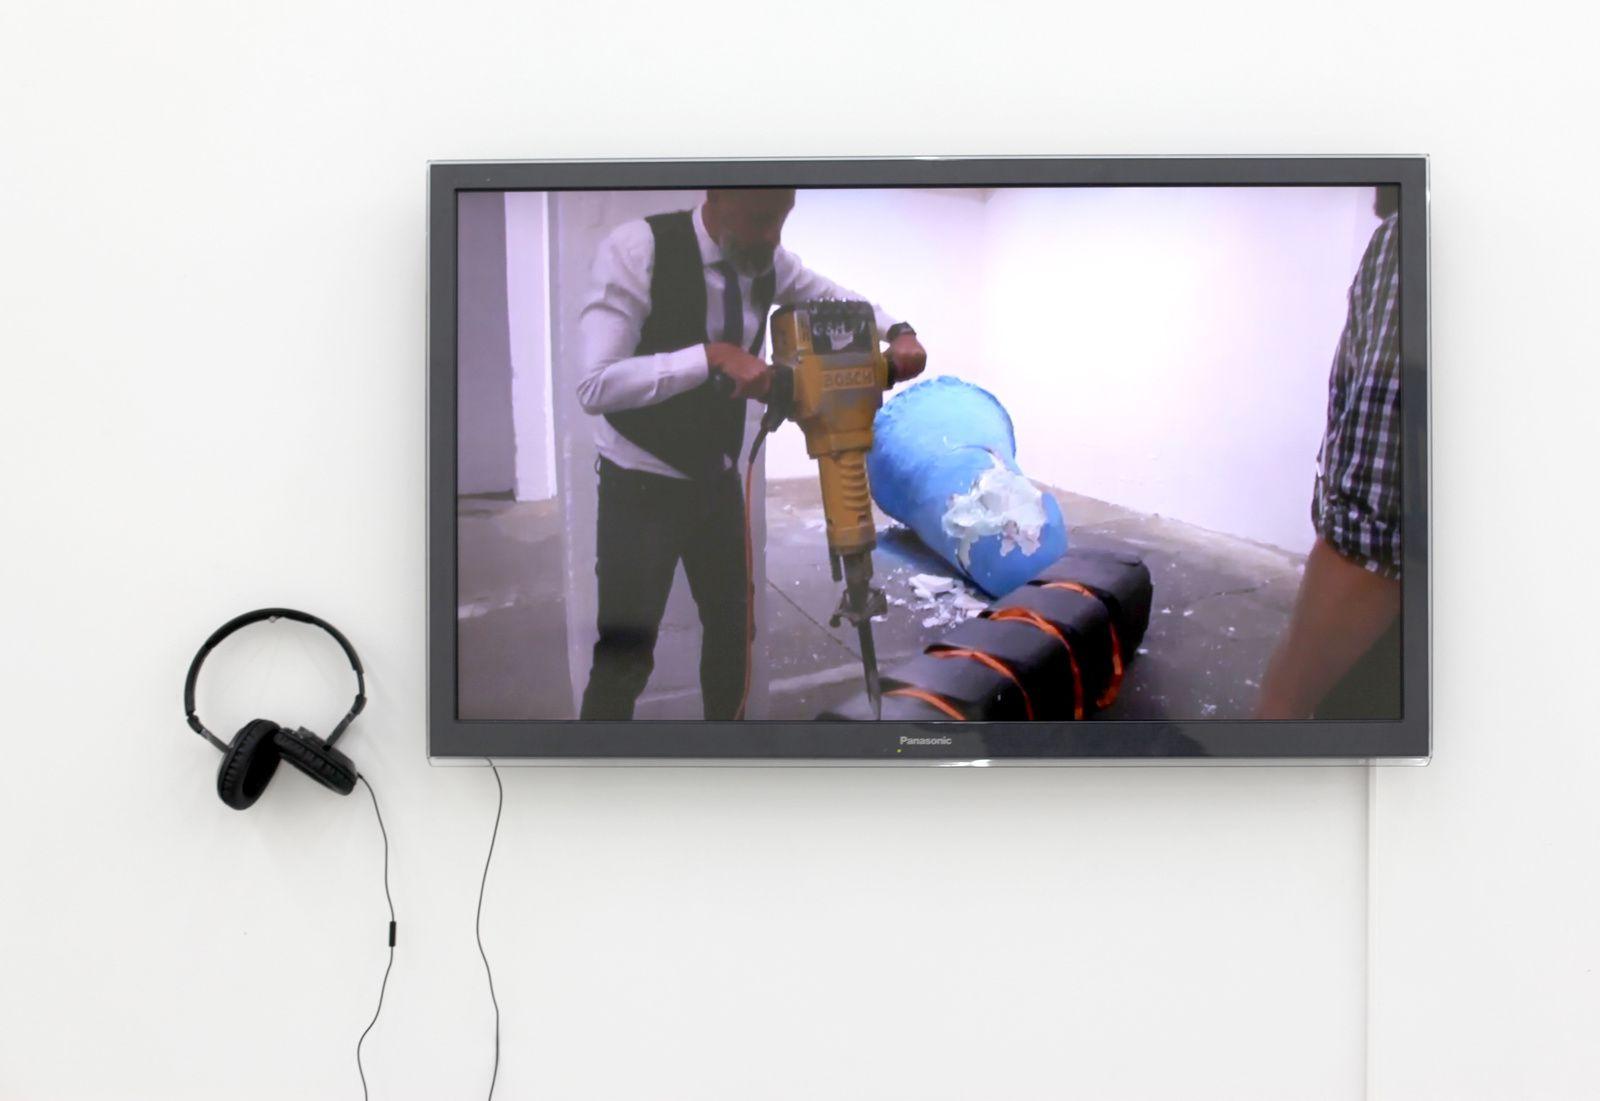 """Vidéo """"Highway to Jahannam"""", 2016 de Président VERTUT - Courtesy Galerie Paris-Beijing © Photo Éric Simon"""